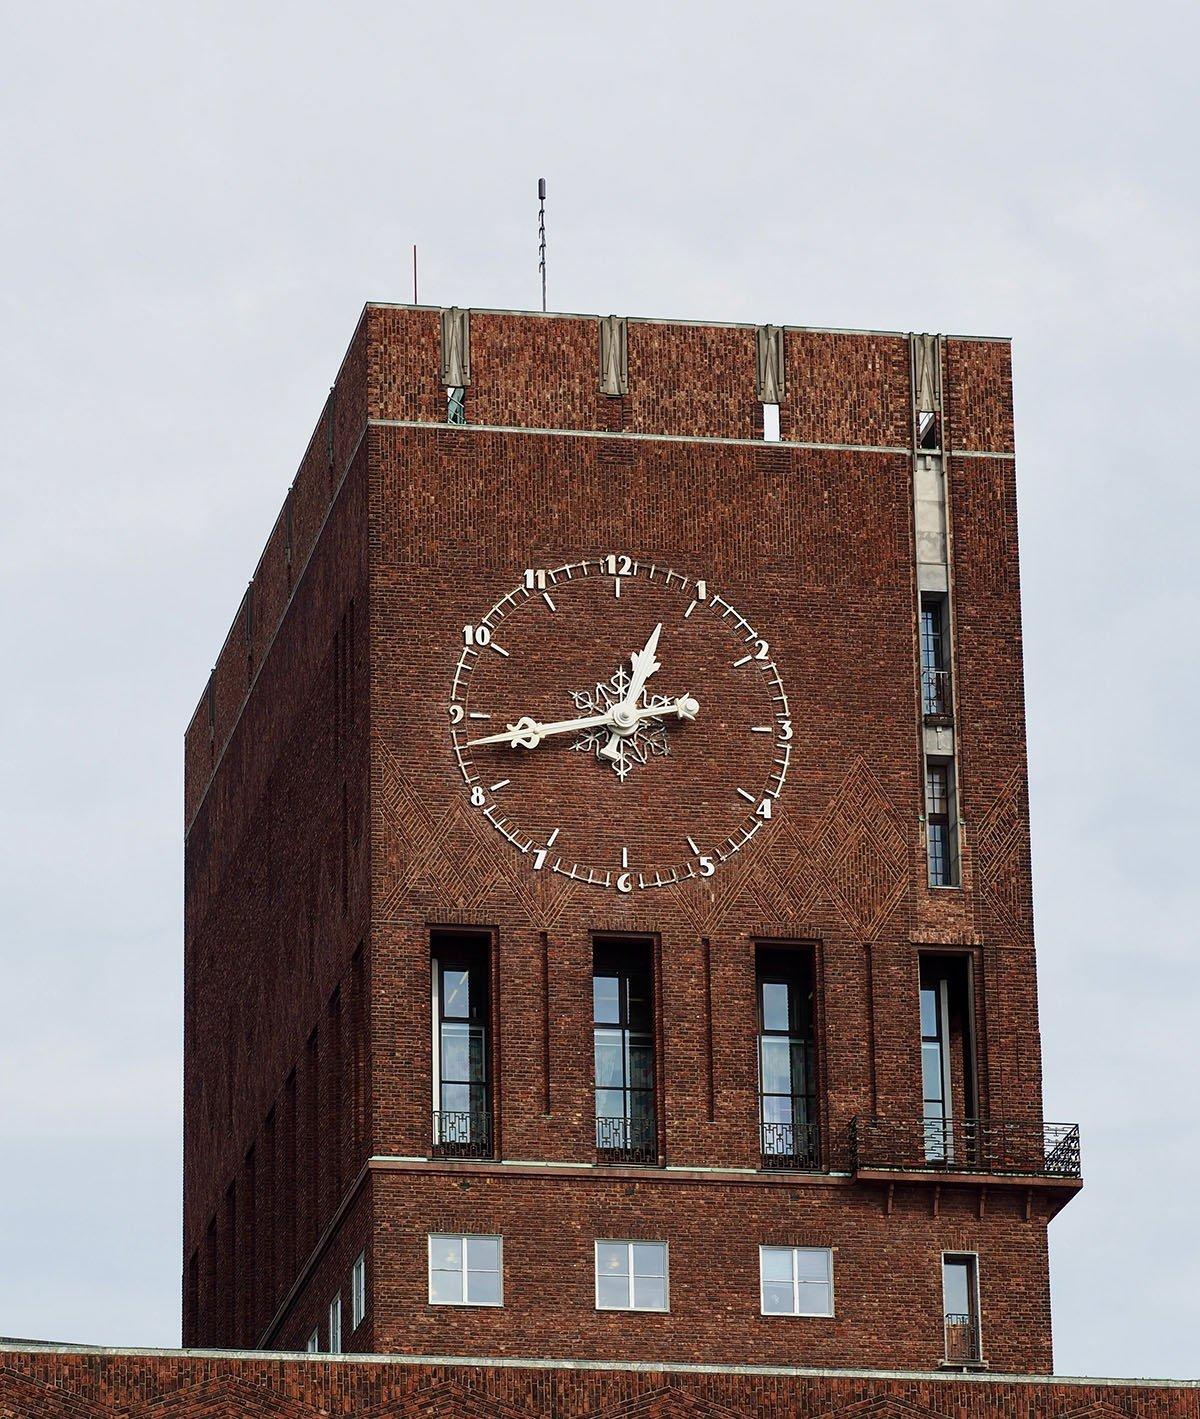 Clock tower at Oslo city hall